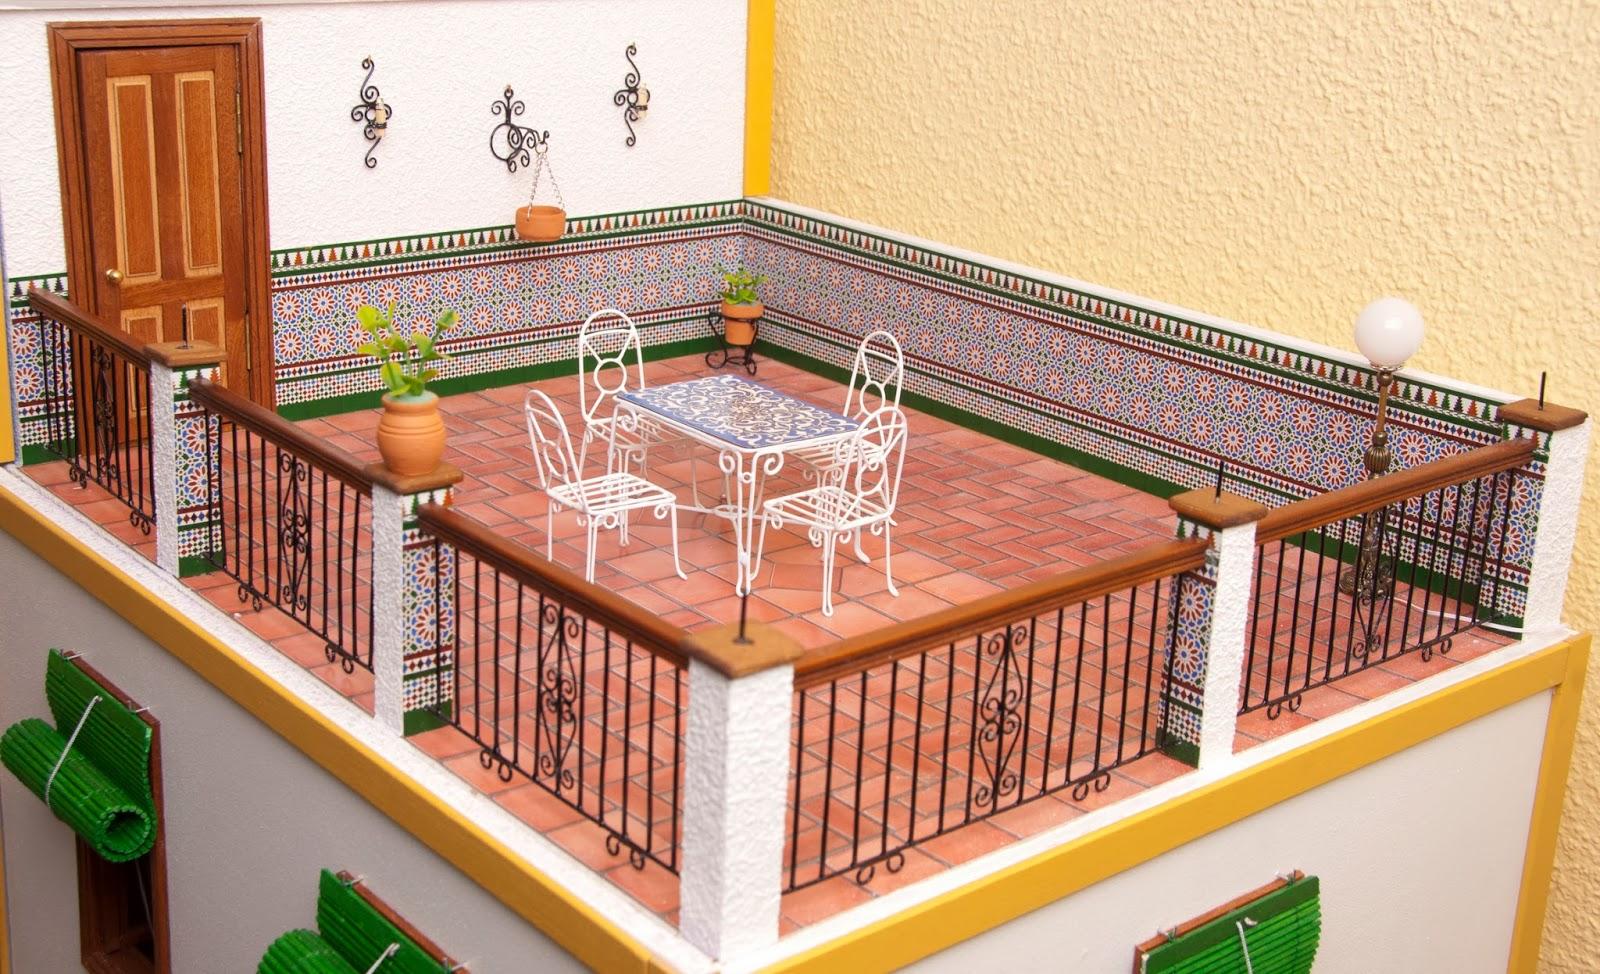 La casita de ferlop casa ferlop for La casa de la azotea